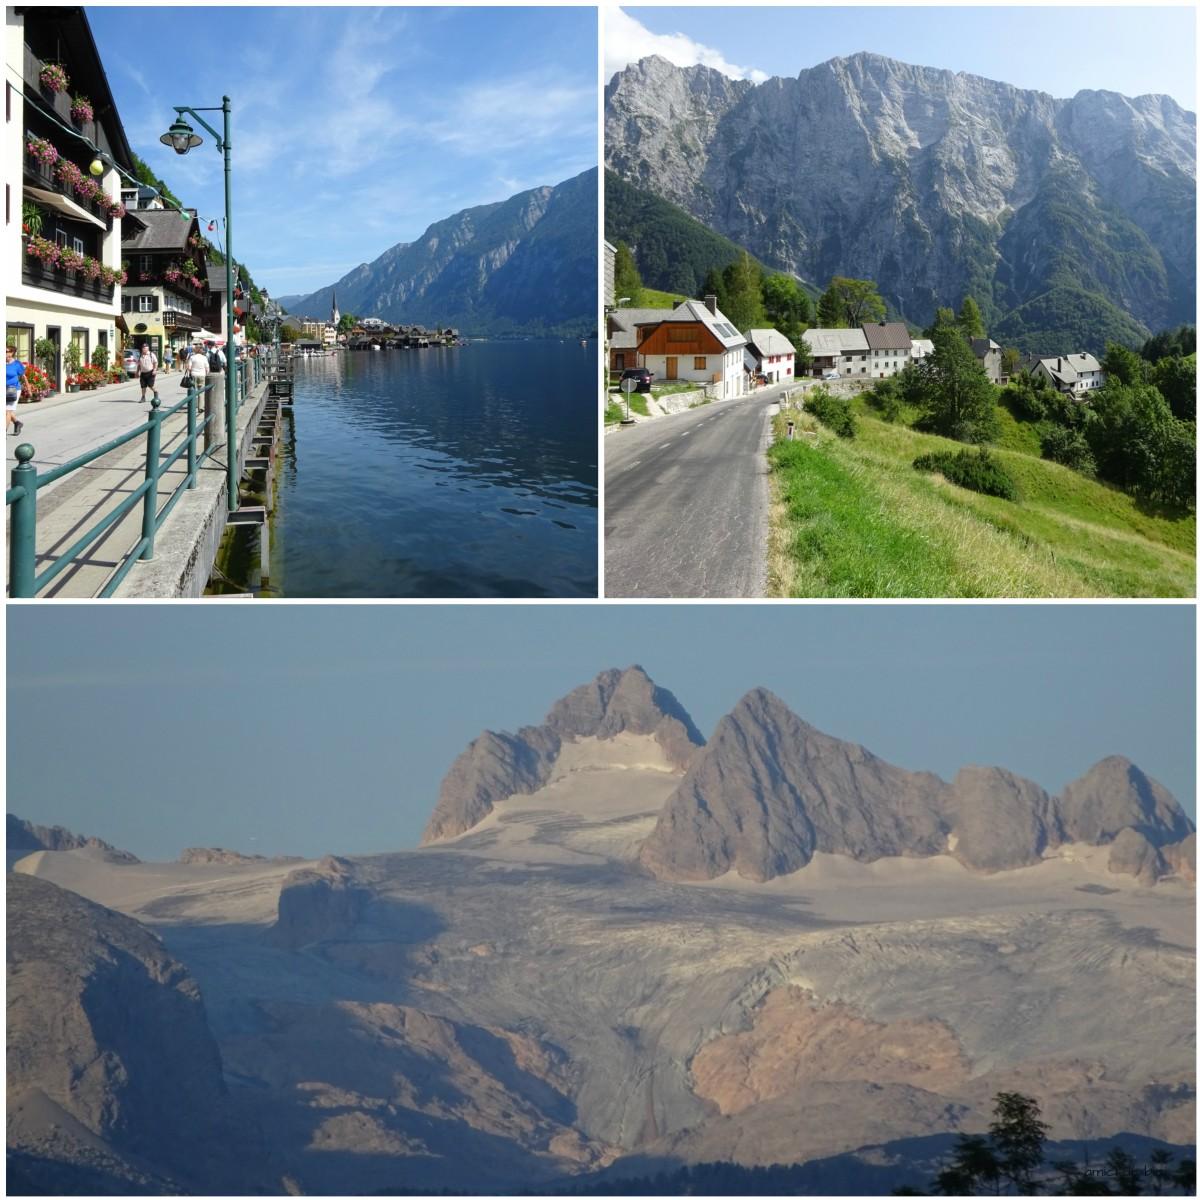 Alpy, wyprawa rowerowa